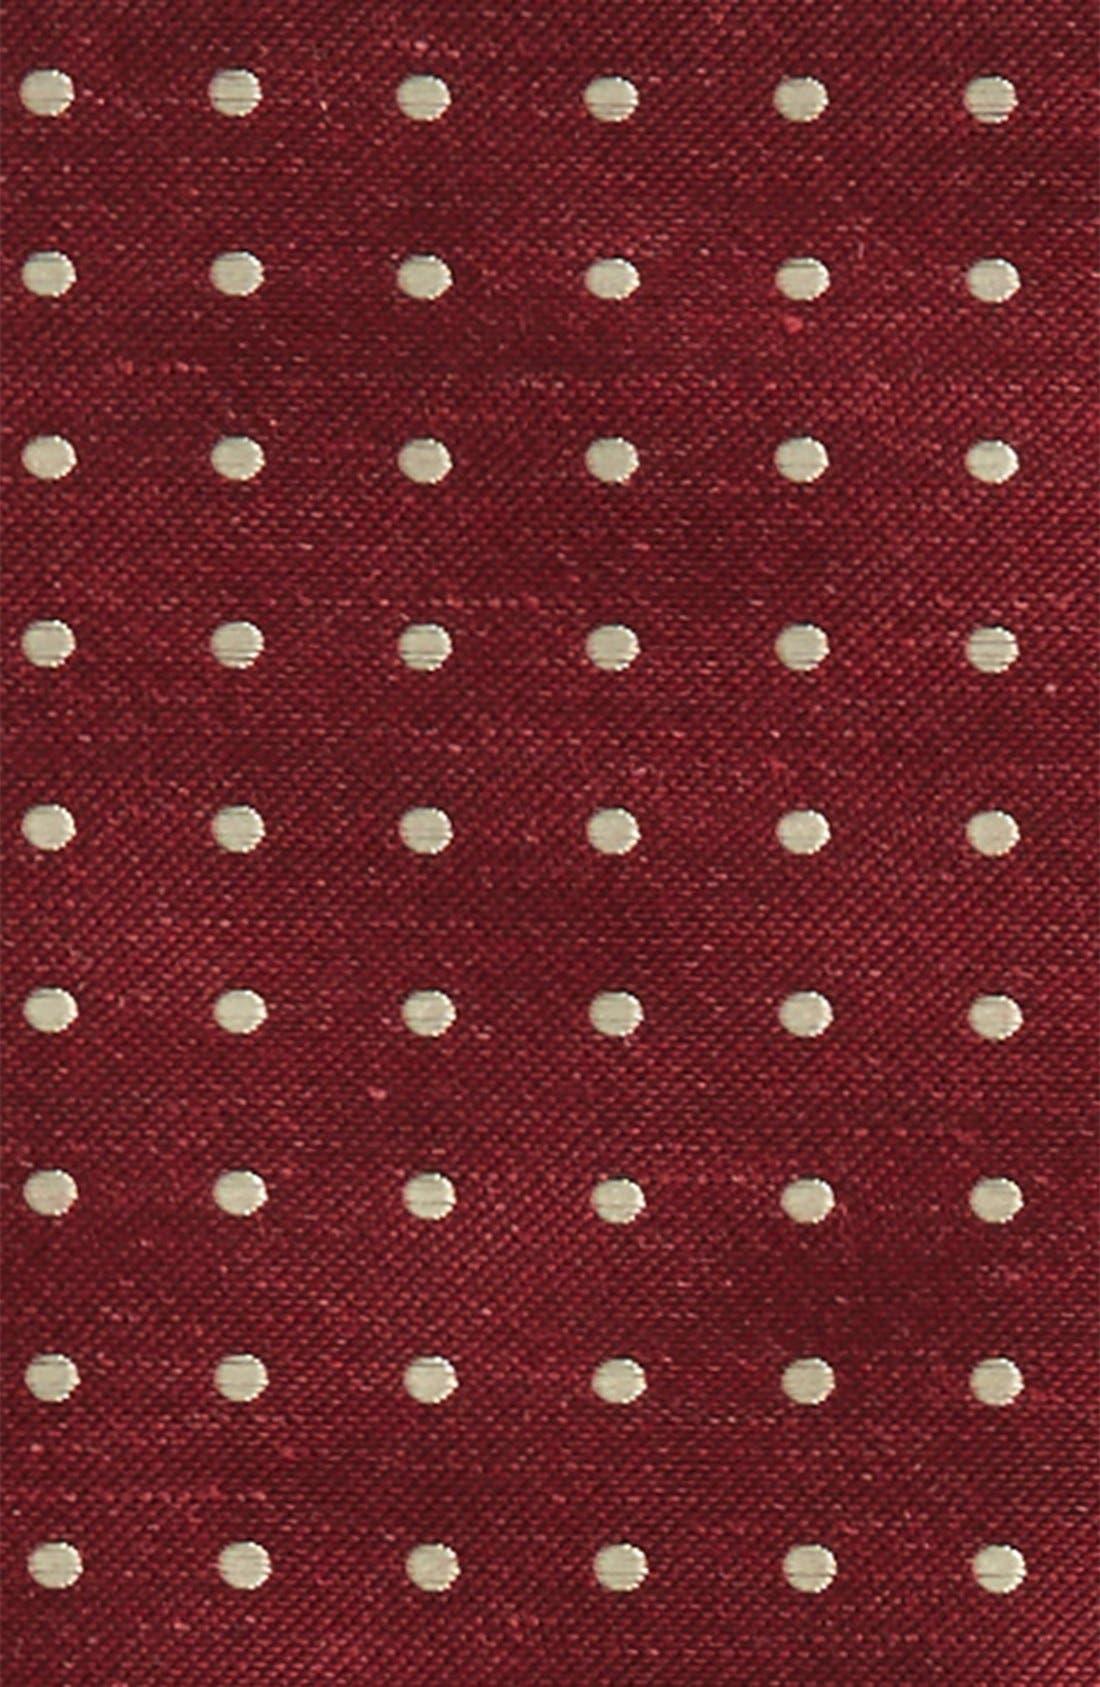 Dot Silk & Linen Pocket Square,                             Alternate thumbnail 3, color,                             Burgundy